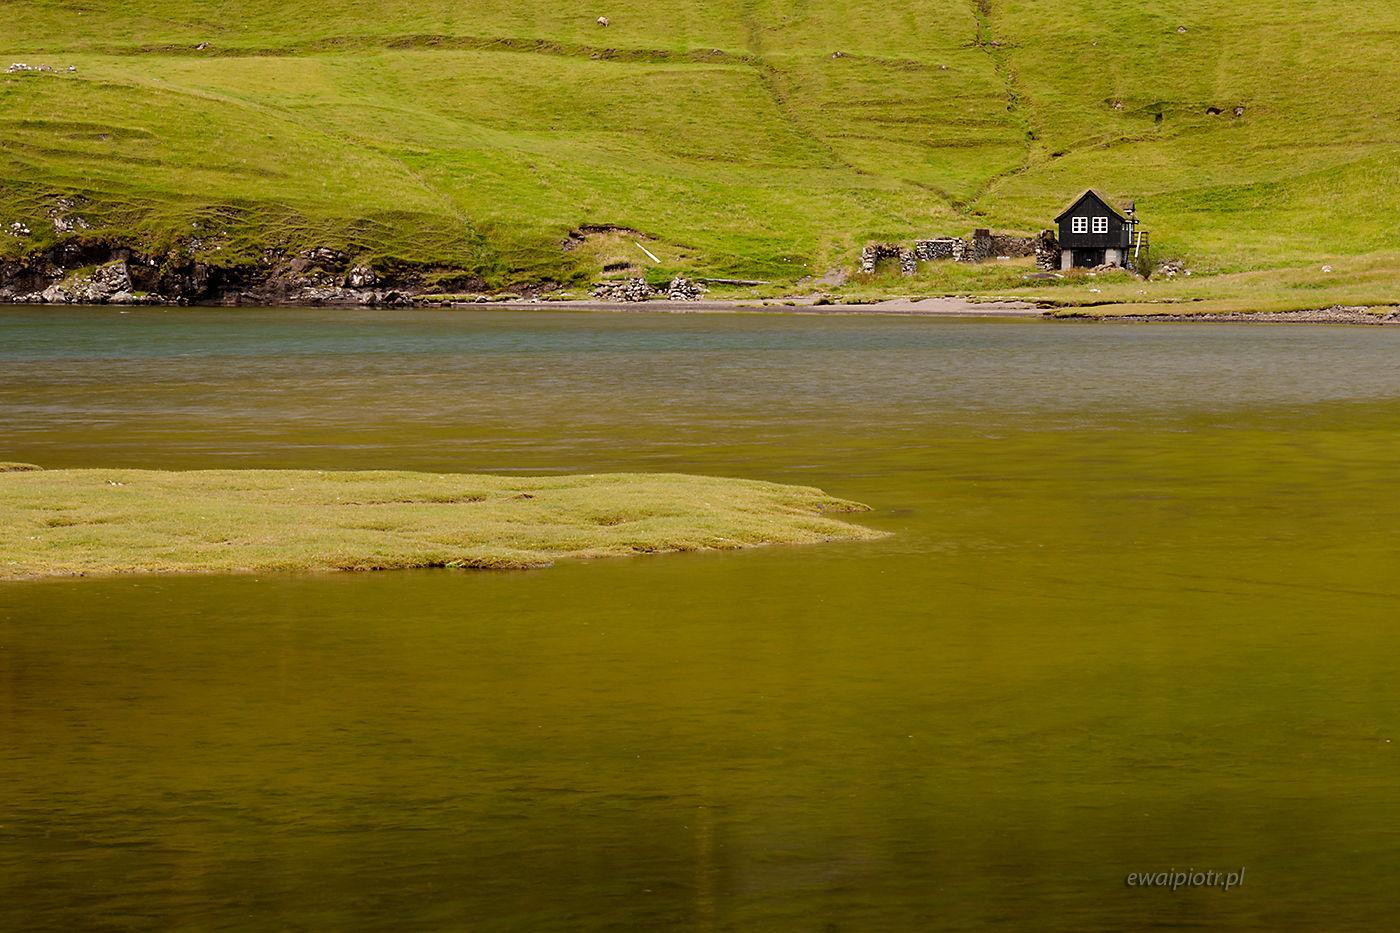 Laguna pod Saksun, Wyspy Owcze, warsztaty fotograficzne